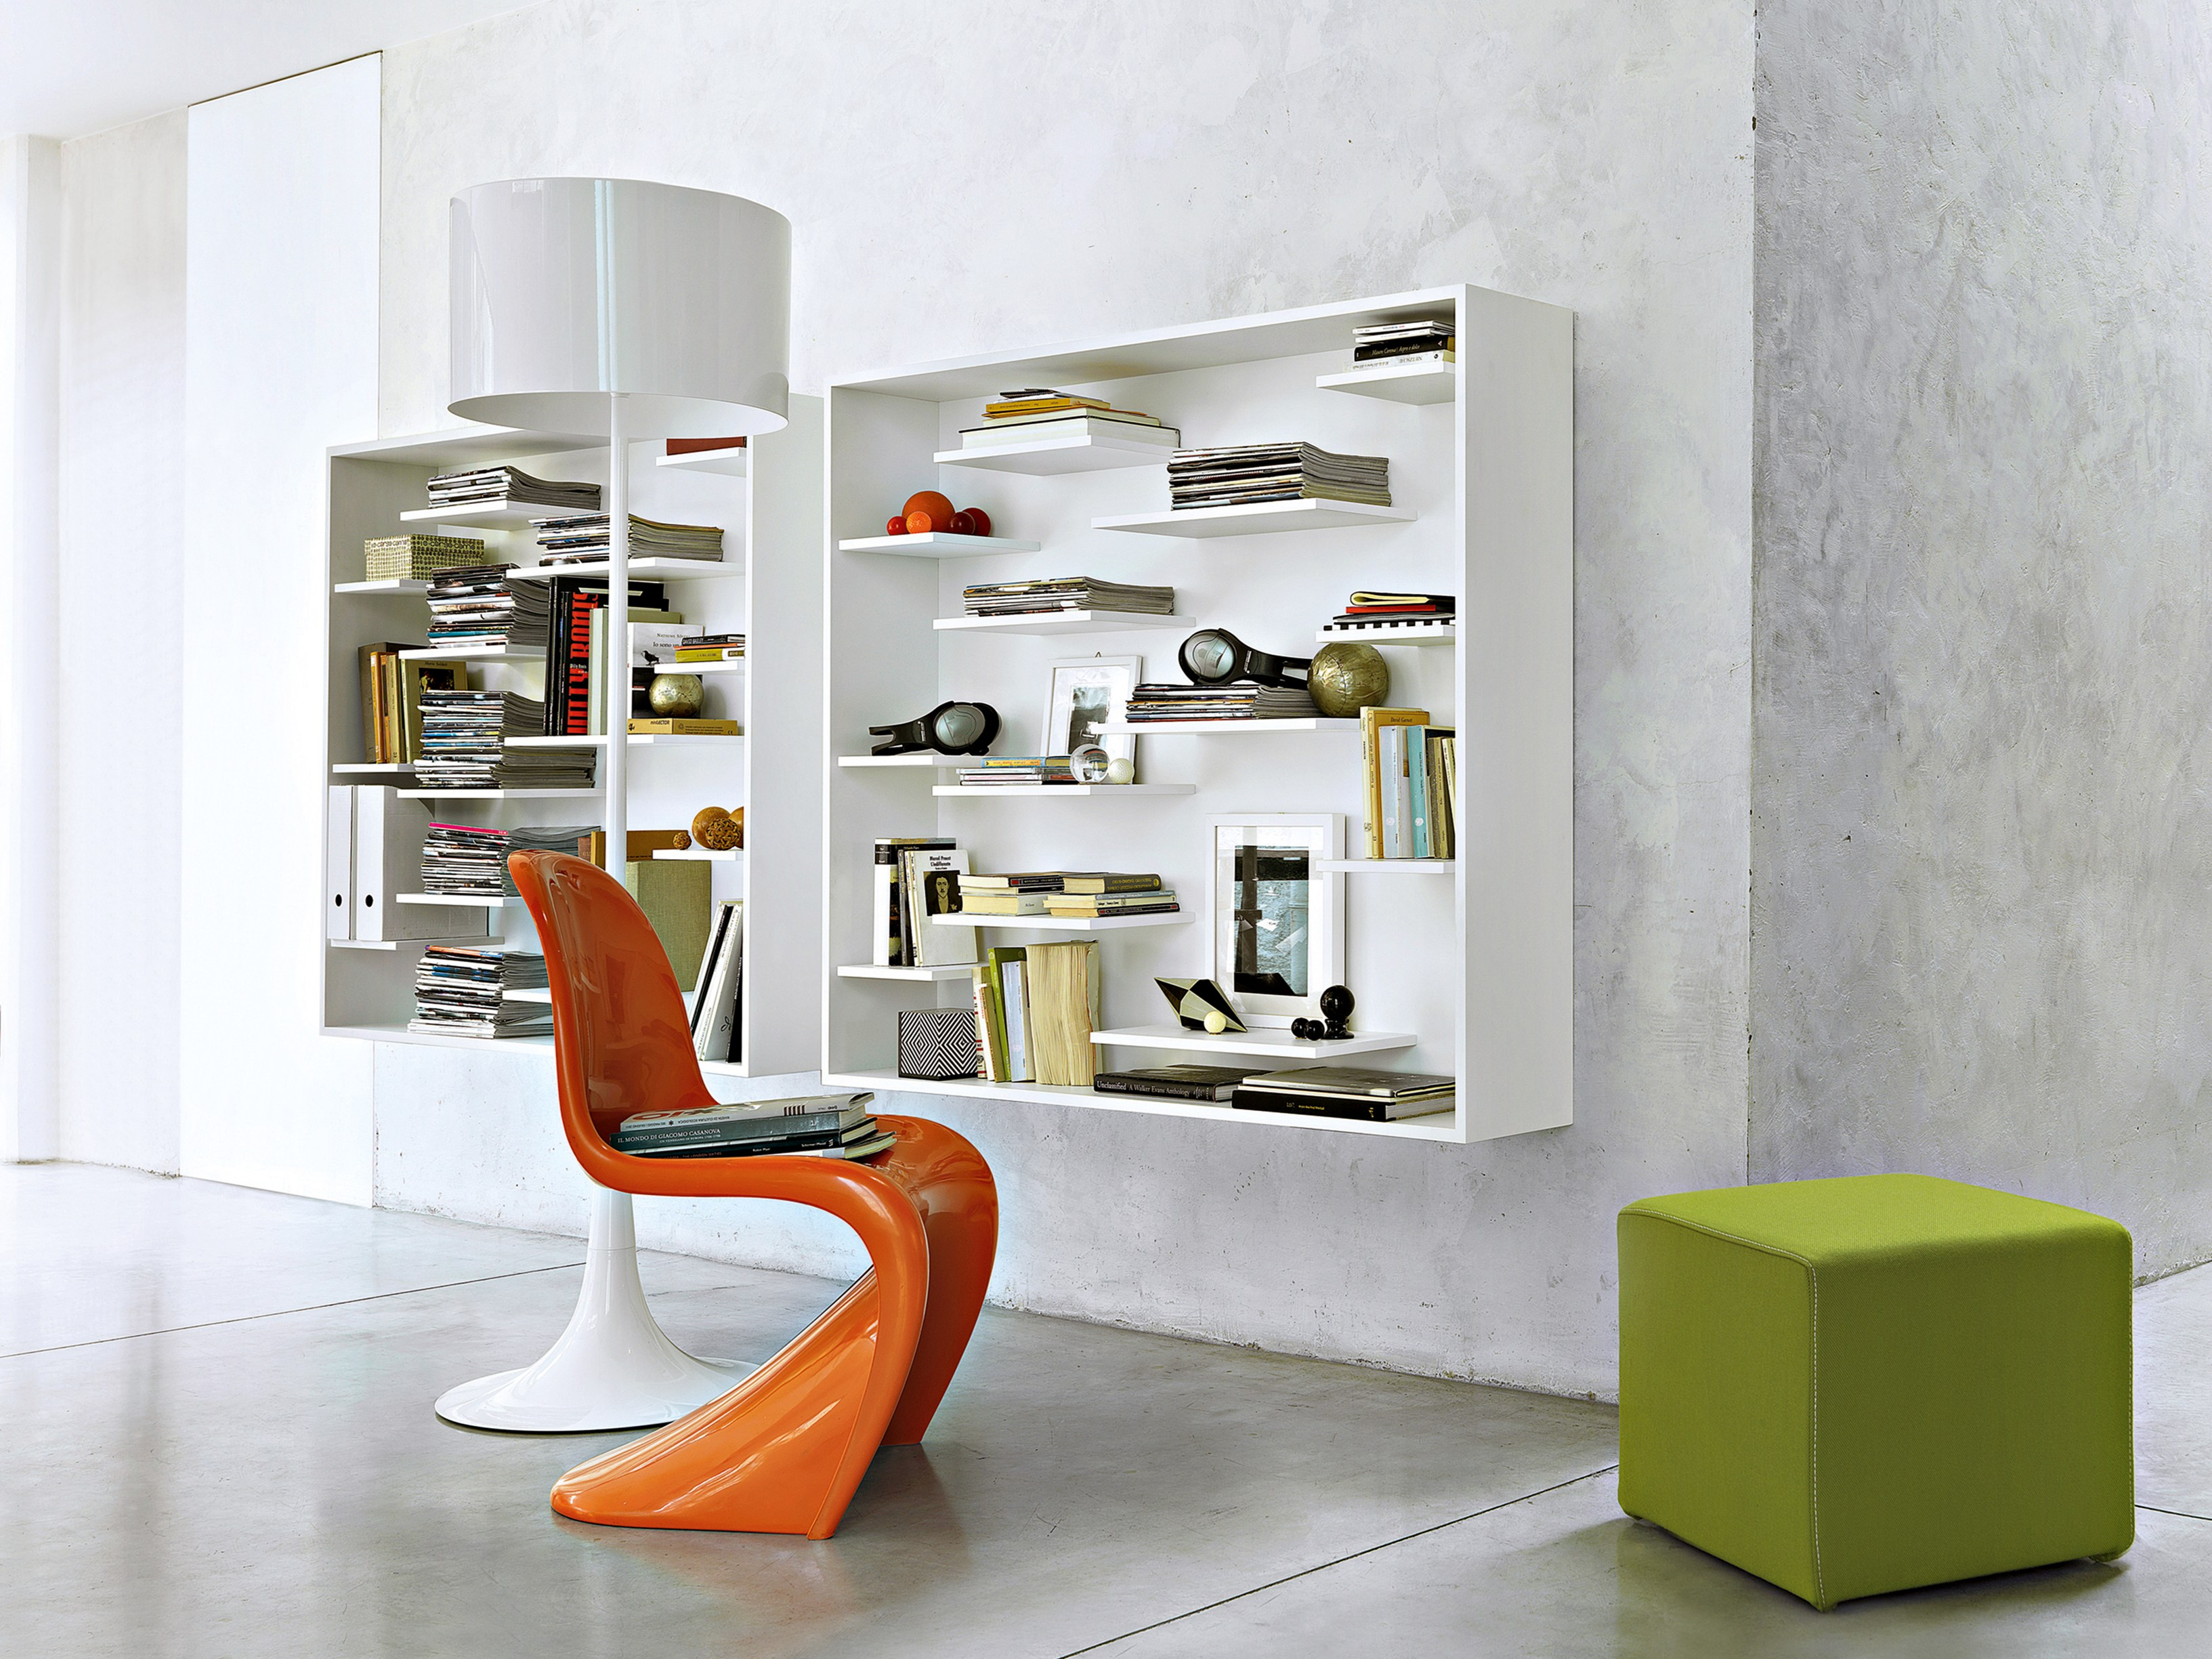 Libreria a parete laccata sospesa in legno SHIFT by Lema design Nendo